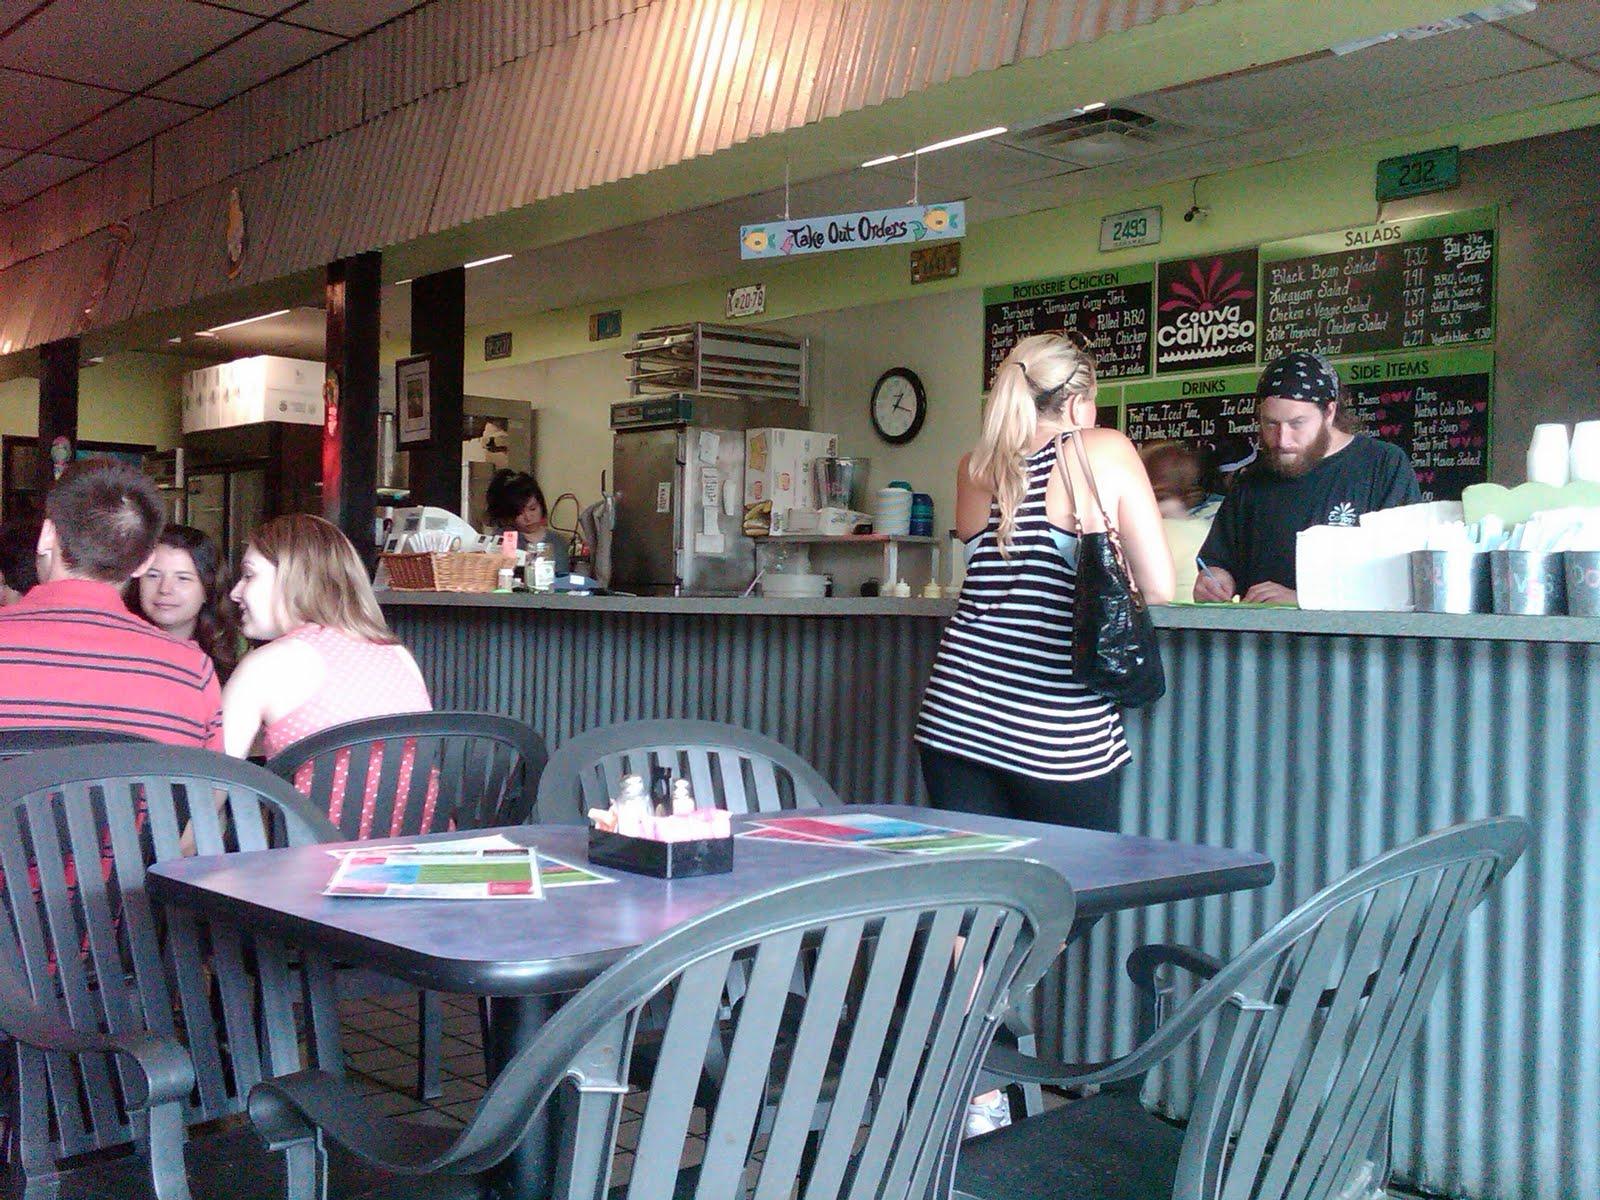 Couva Calypso Cafe Menu